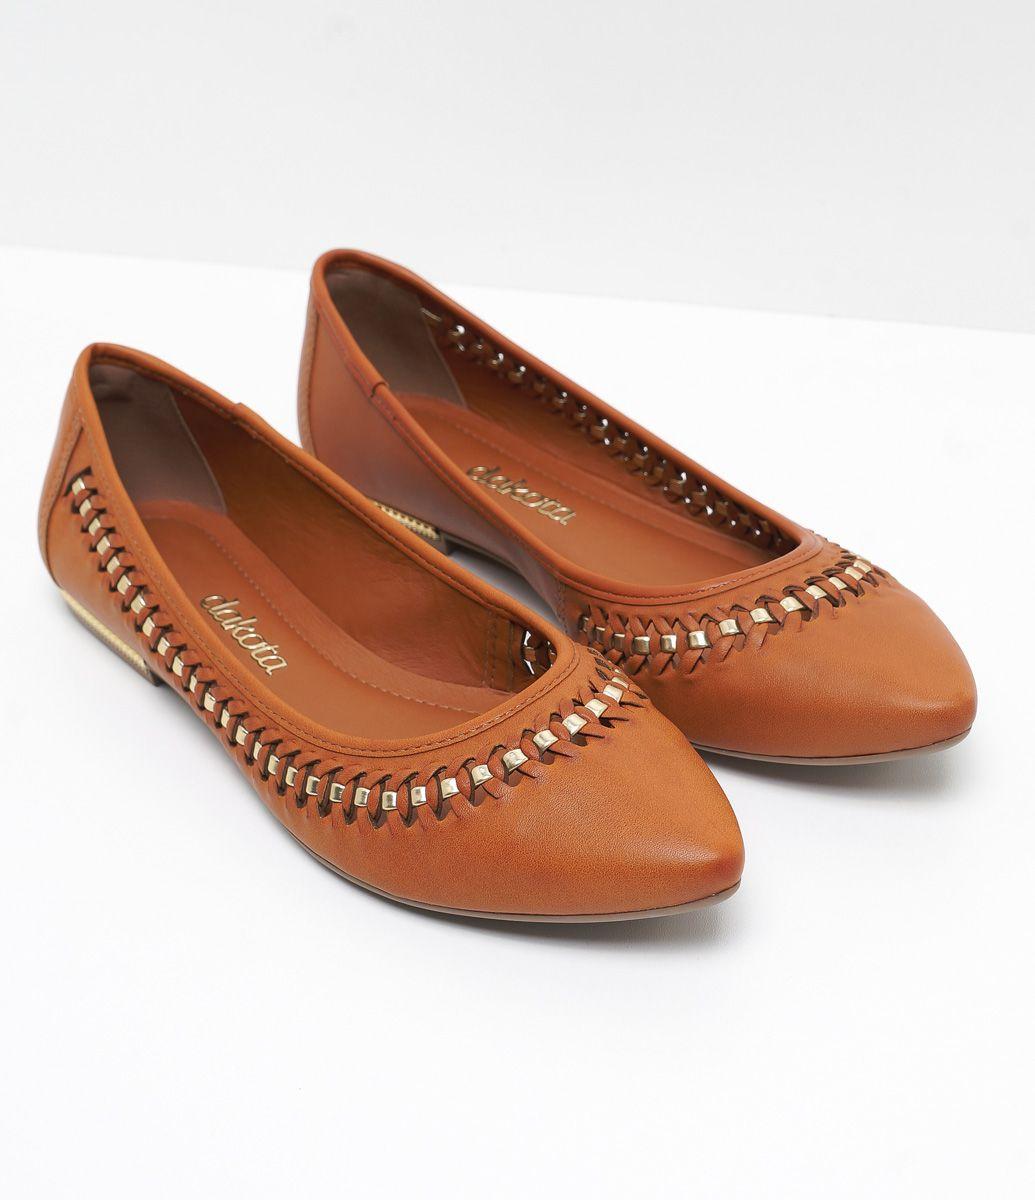 a7da3972a Sapatilha feminina Material: sintético Detalhe em tramado Bico fino Marca:  Dakota COLEÇÃO VERÃO 2017 Veja mais opções de sapatilhas femininas.